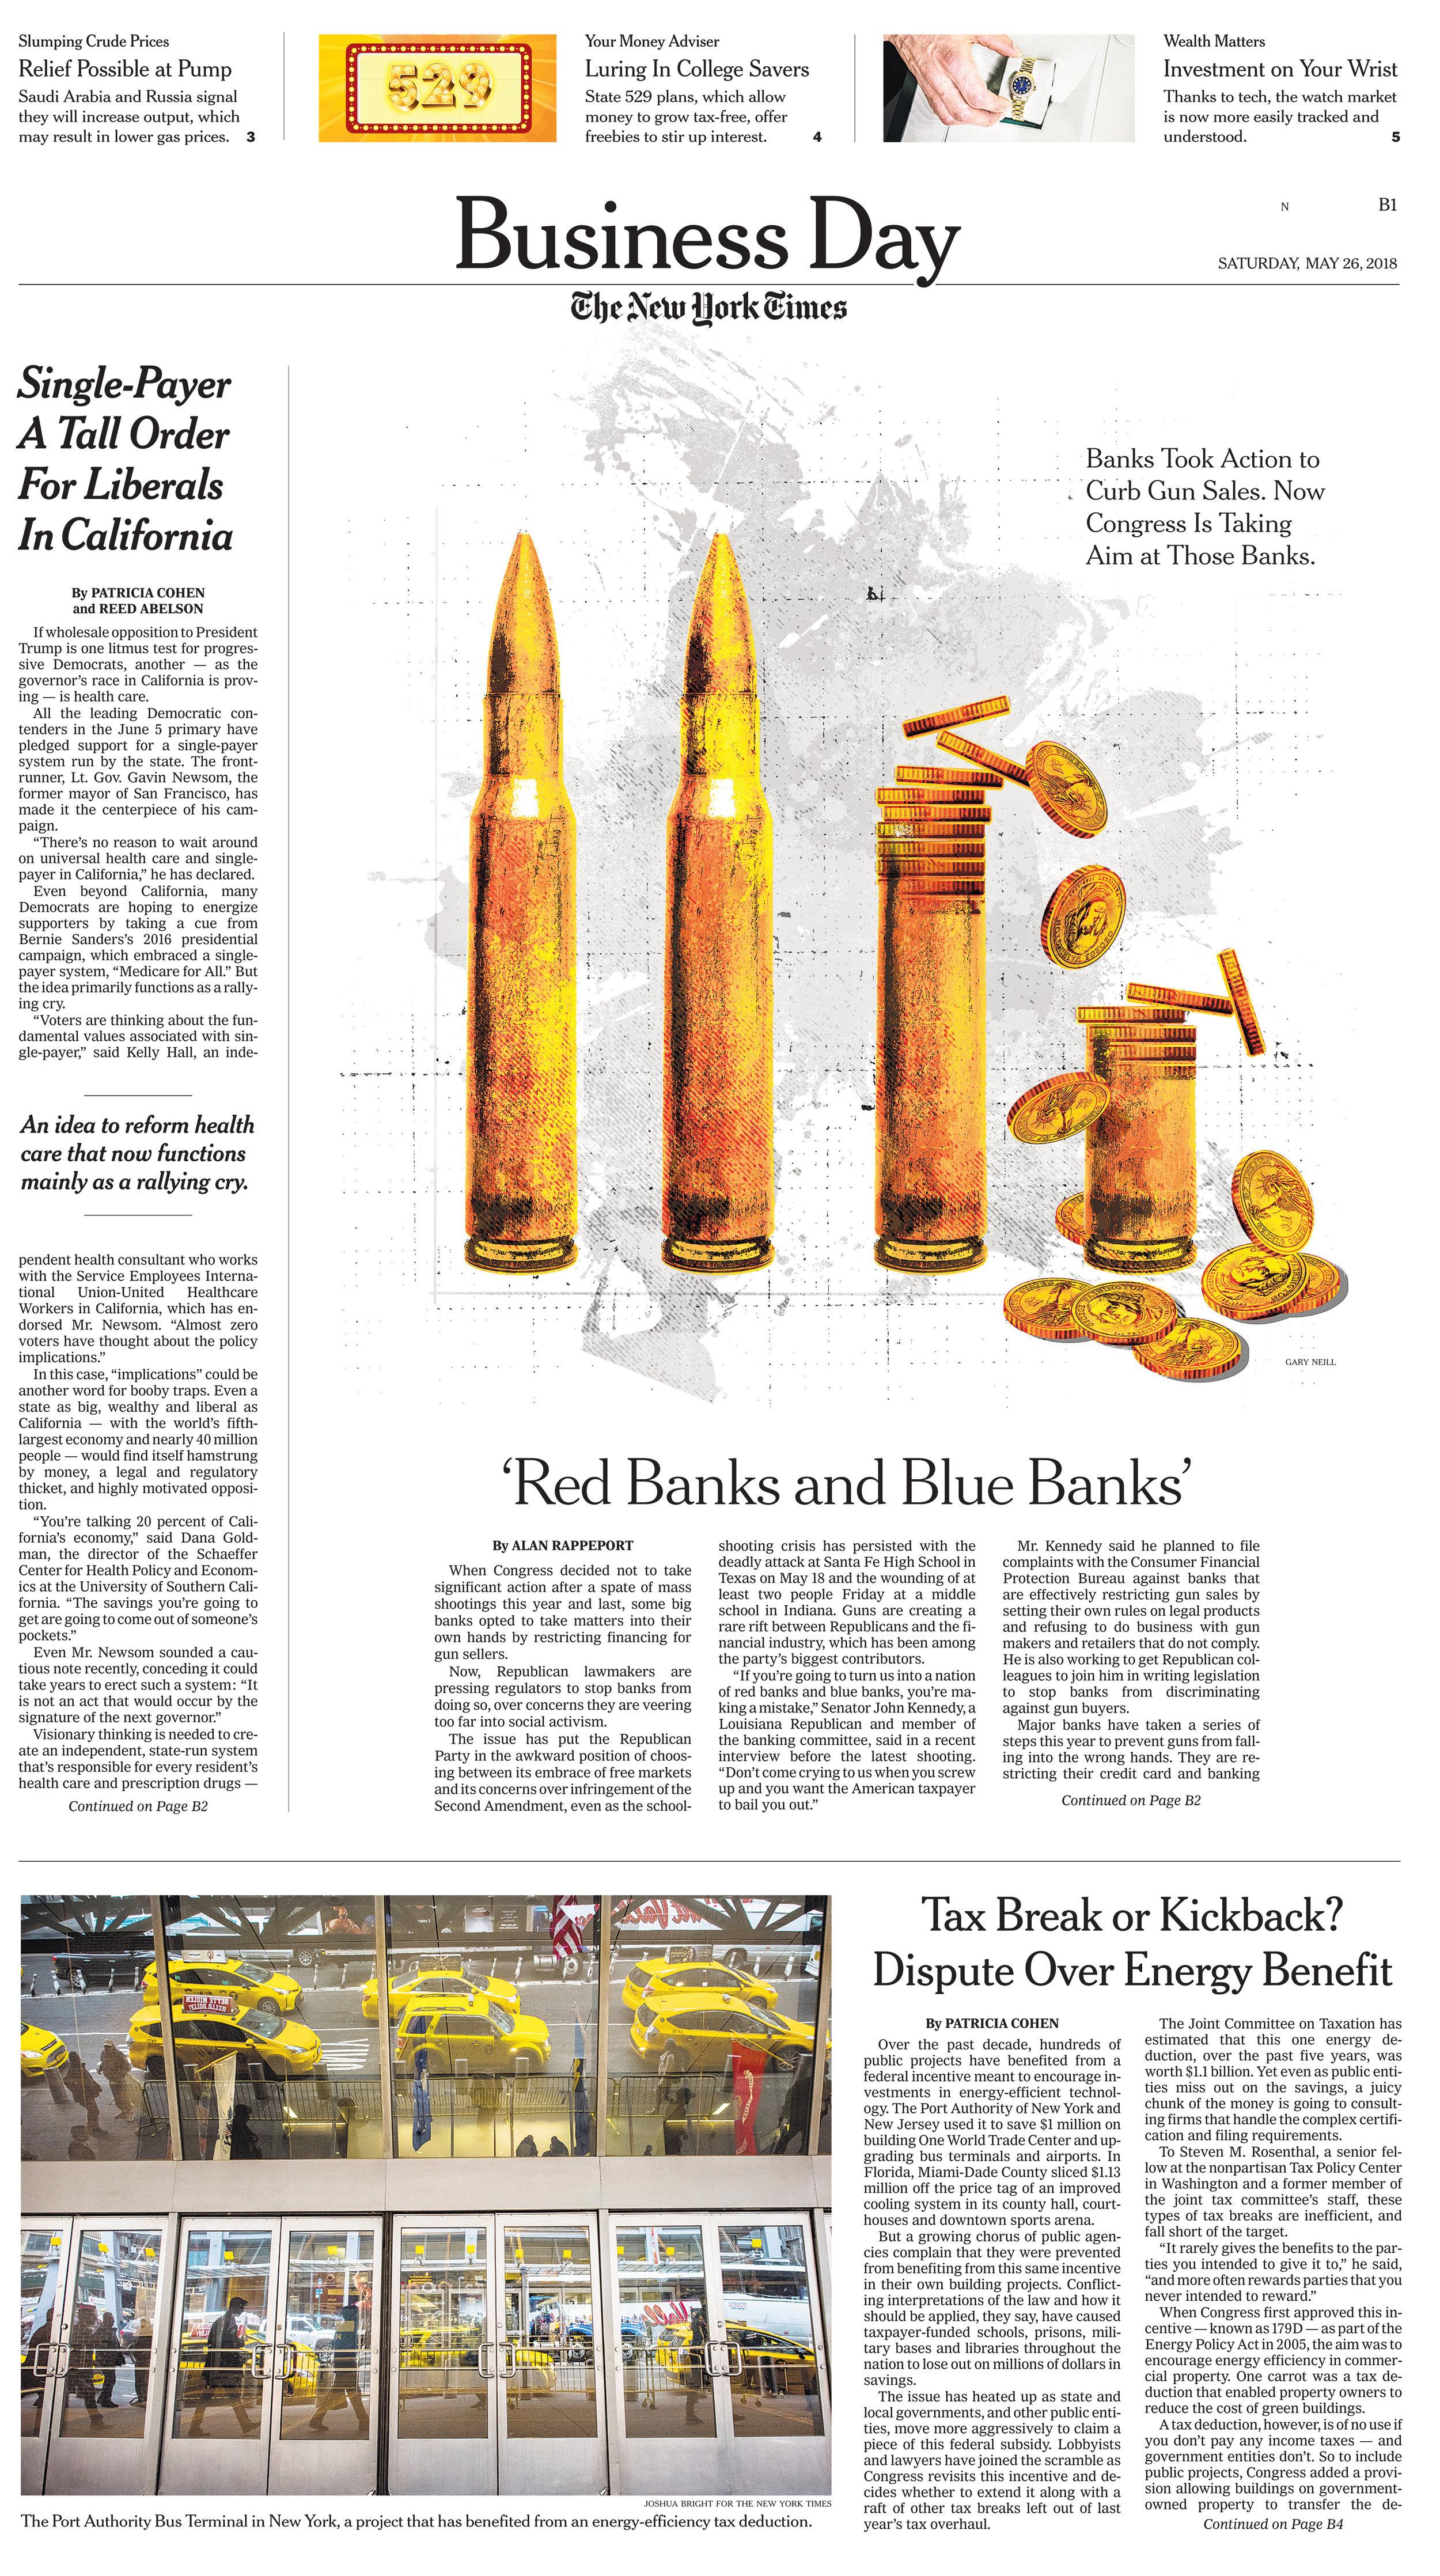 NYT#NYTimes#05-26-2018#NewYork#1#BizDress#1#cci